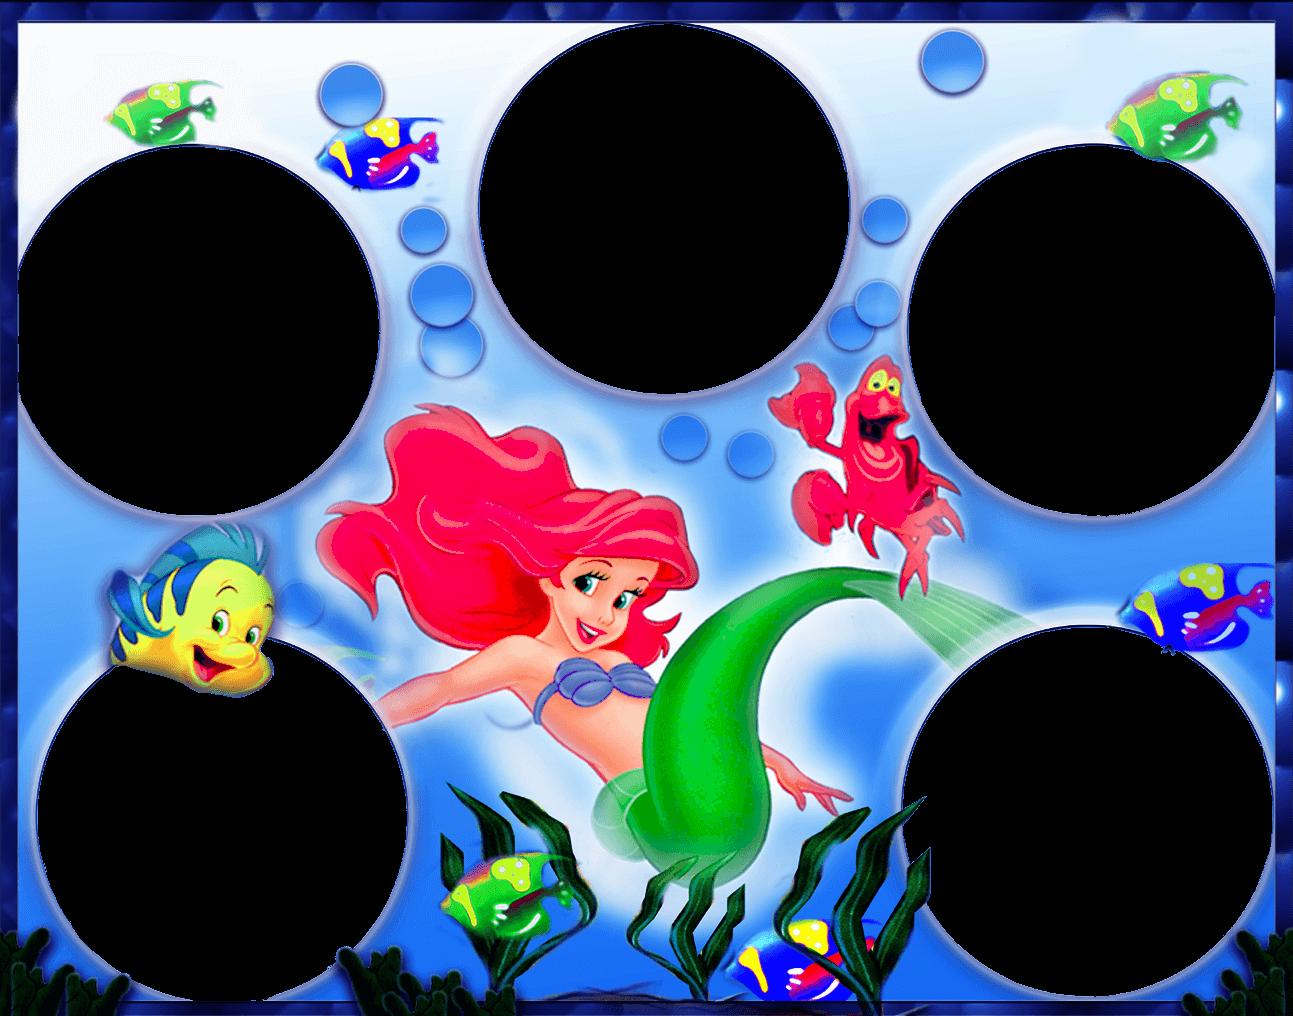 Marco de Foto Disney – La Sirenita | Descargar Marcos